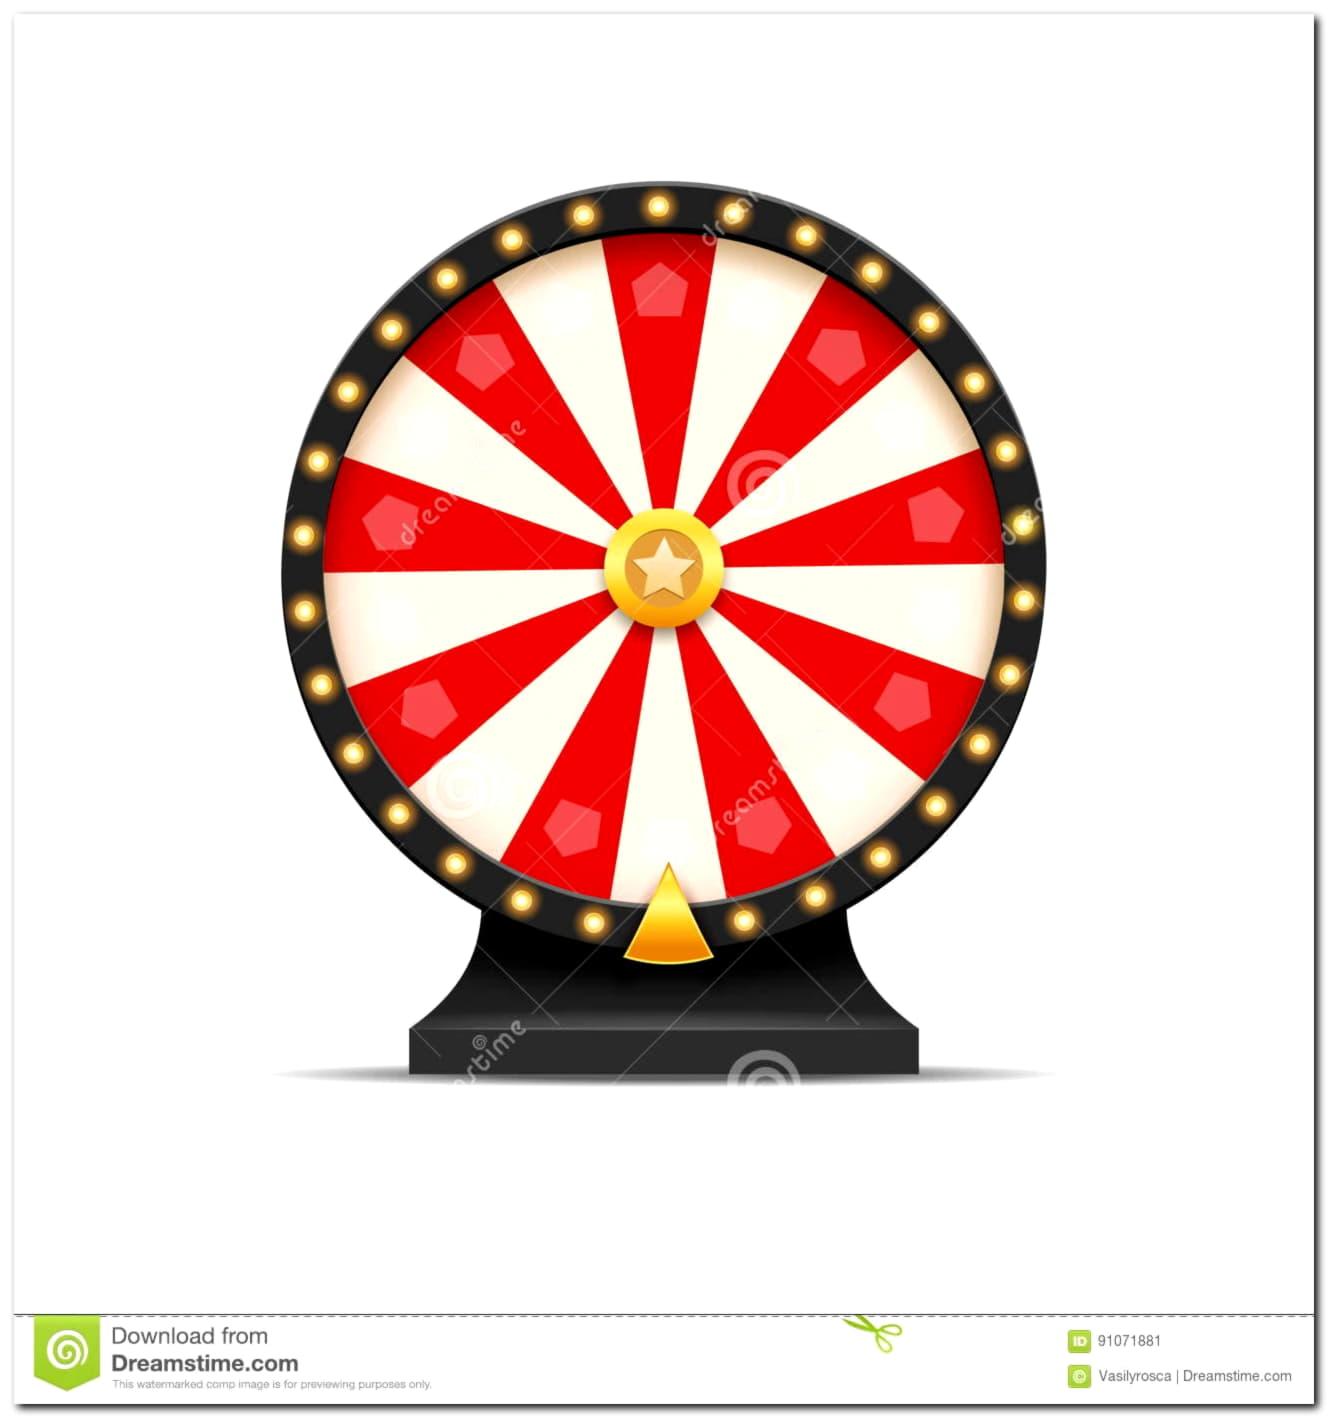 300% Welcome Bonus at Dream Vegas Casino